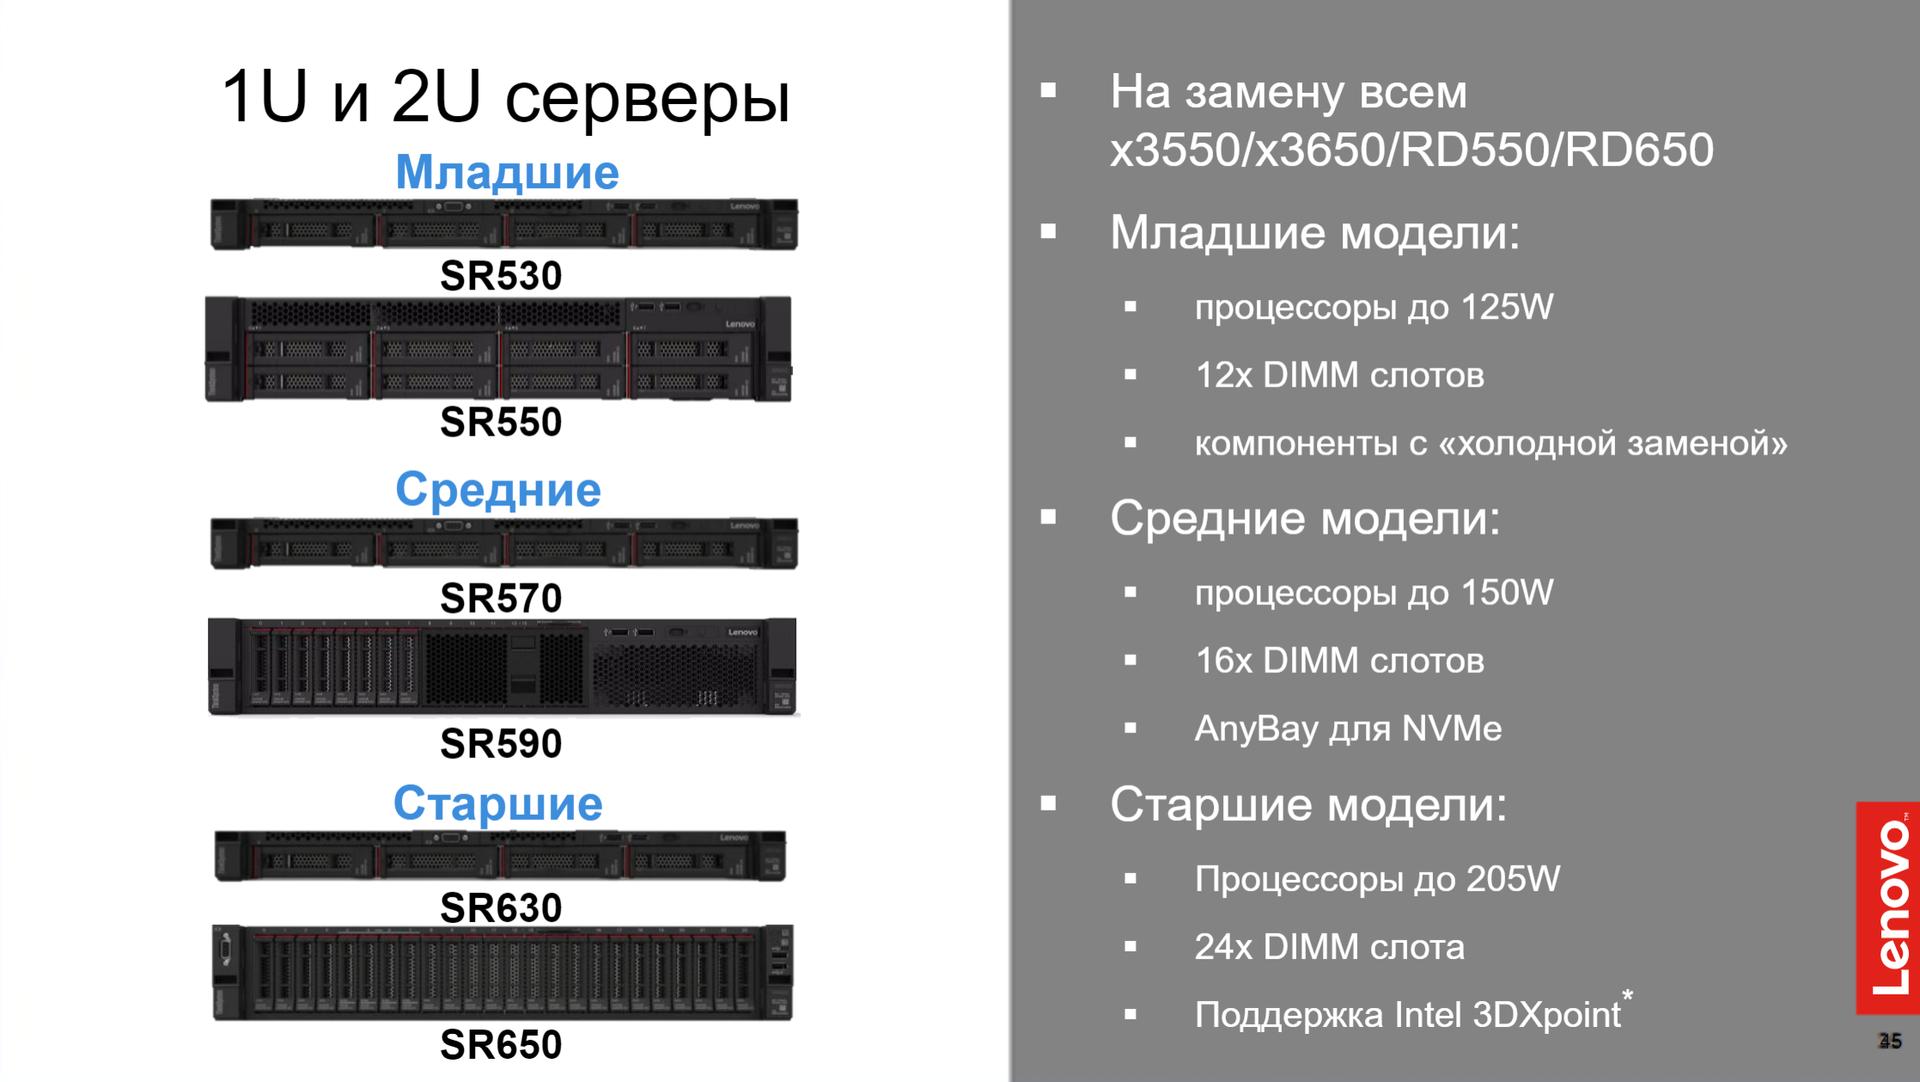 Решения Lenovo для дата-центров. Часть 2 - 10